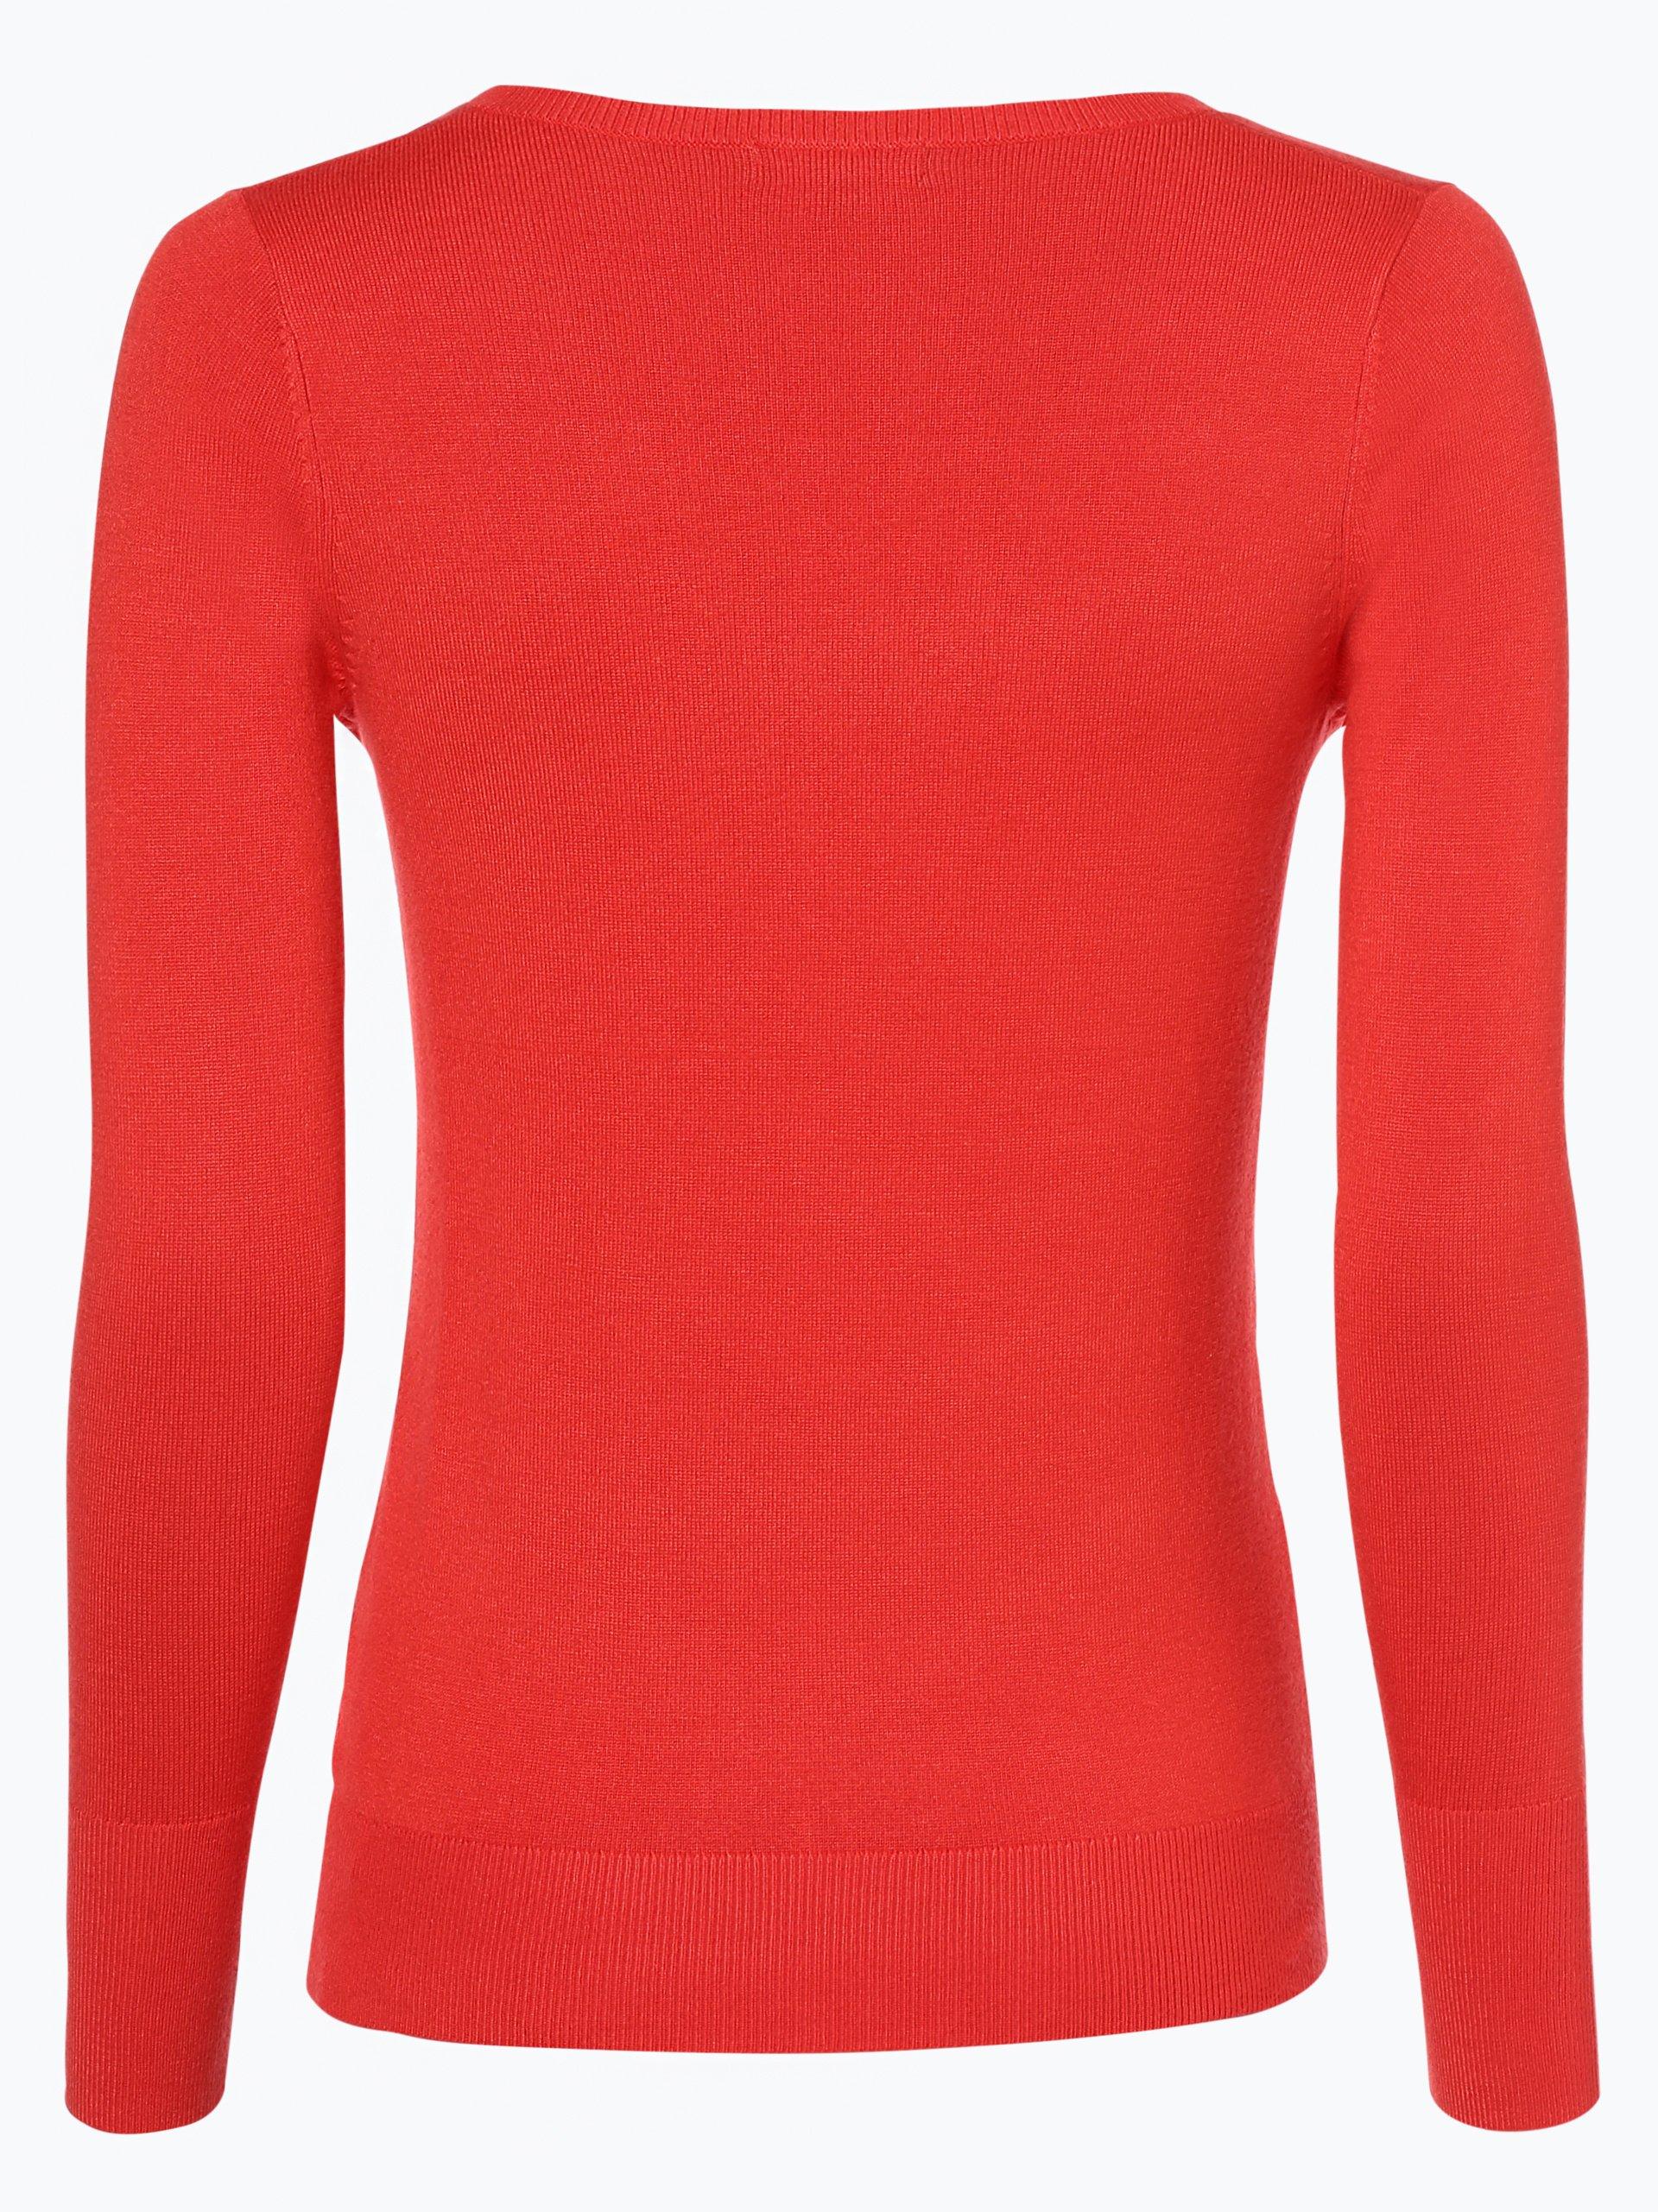 marie lund damen pullover rot uni online kaufen peek und. Black Bedroom Furniture Sets. Home Design Ideas